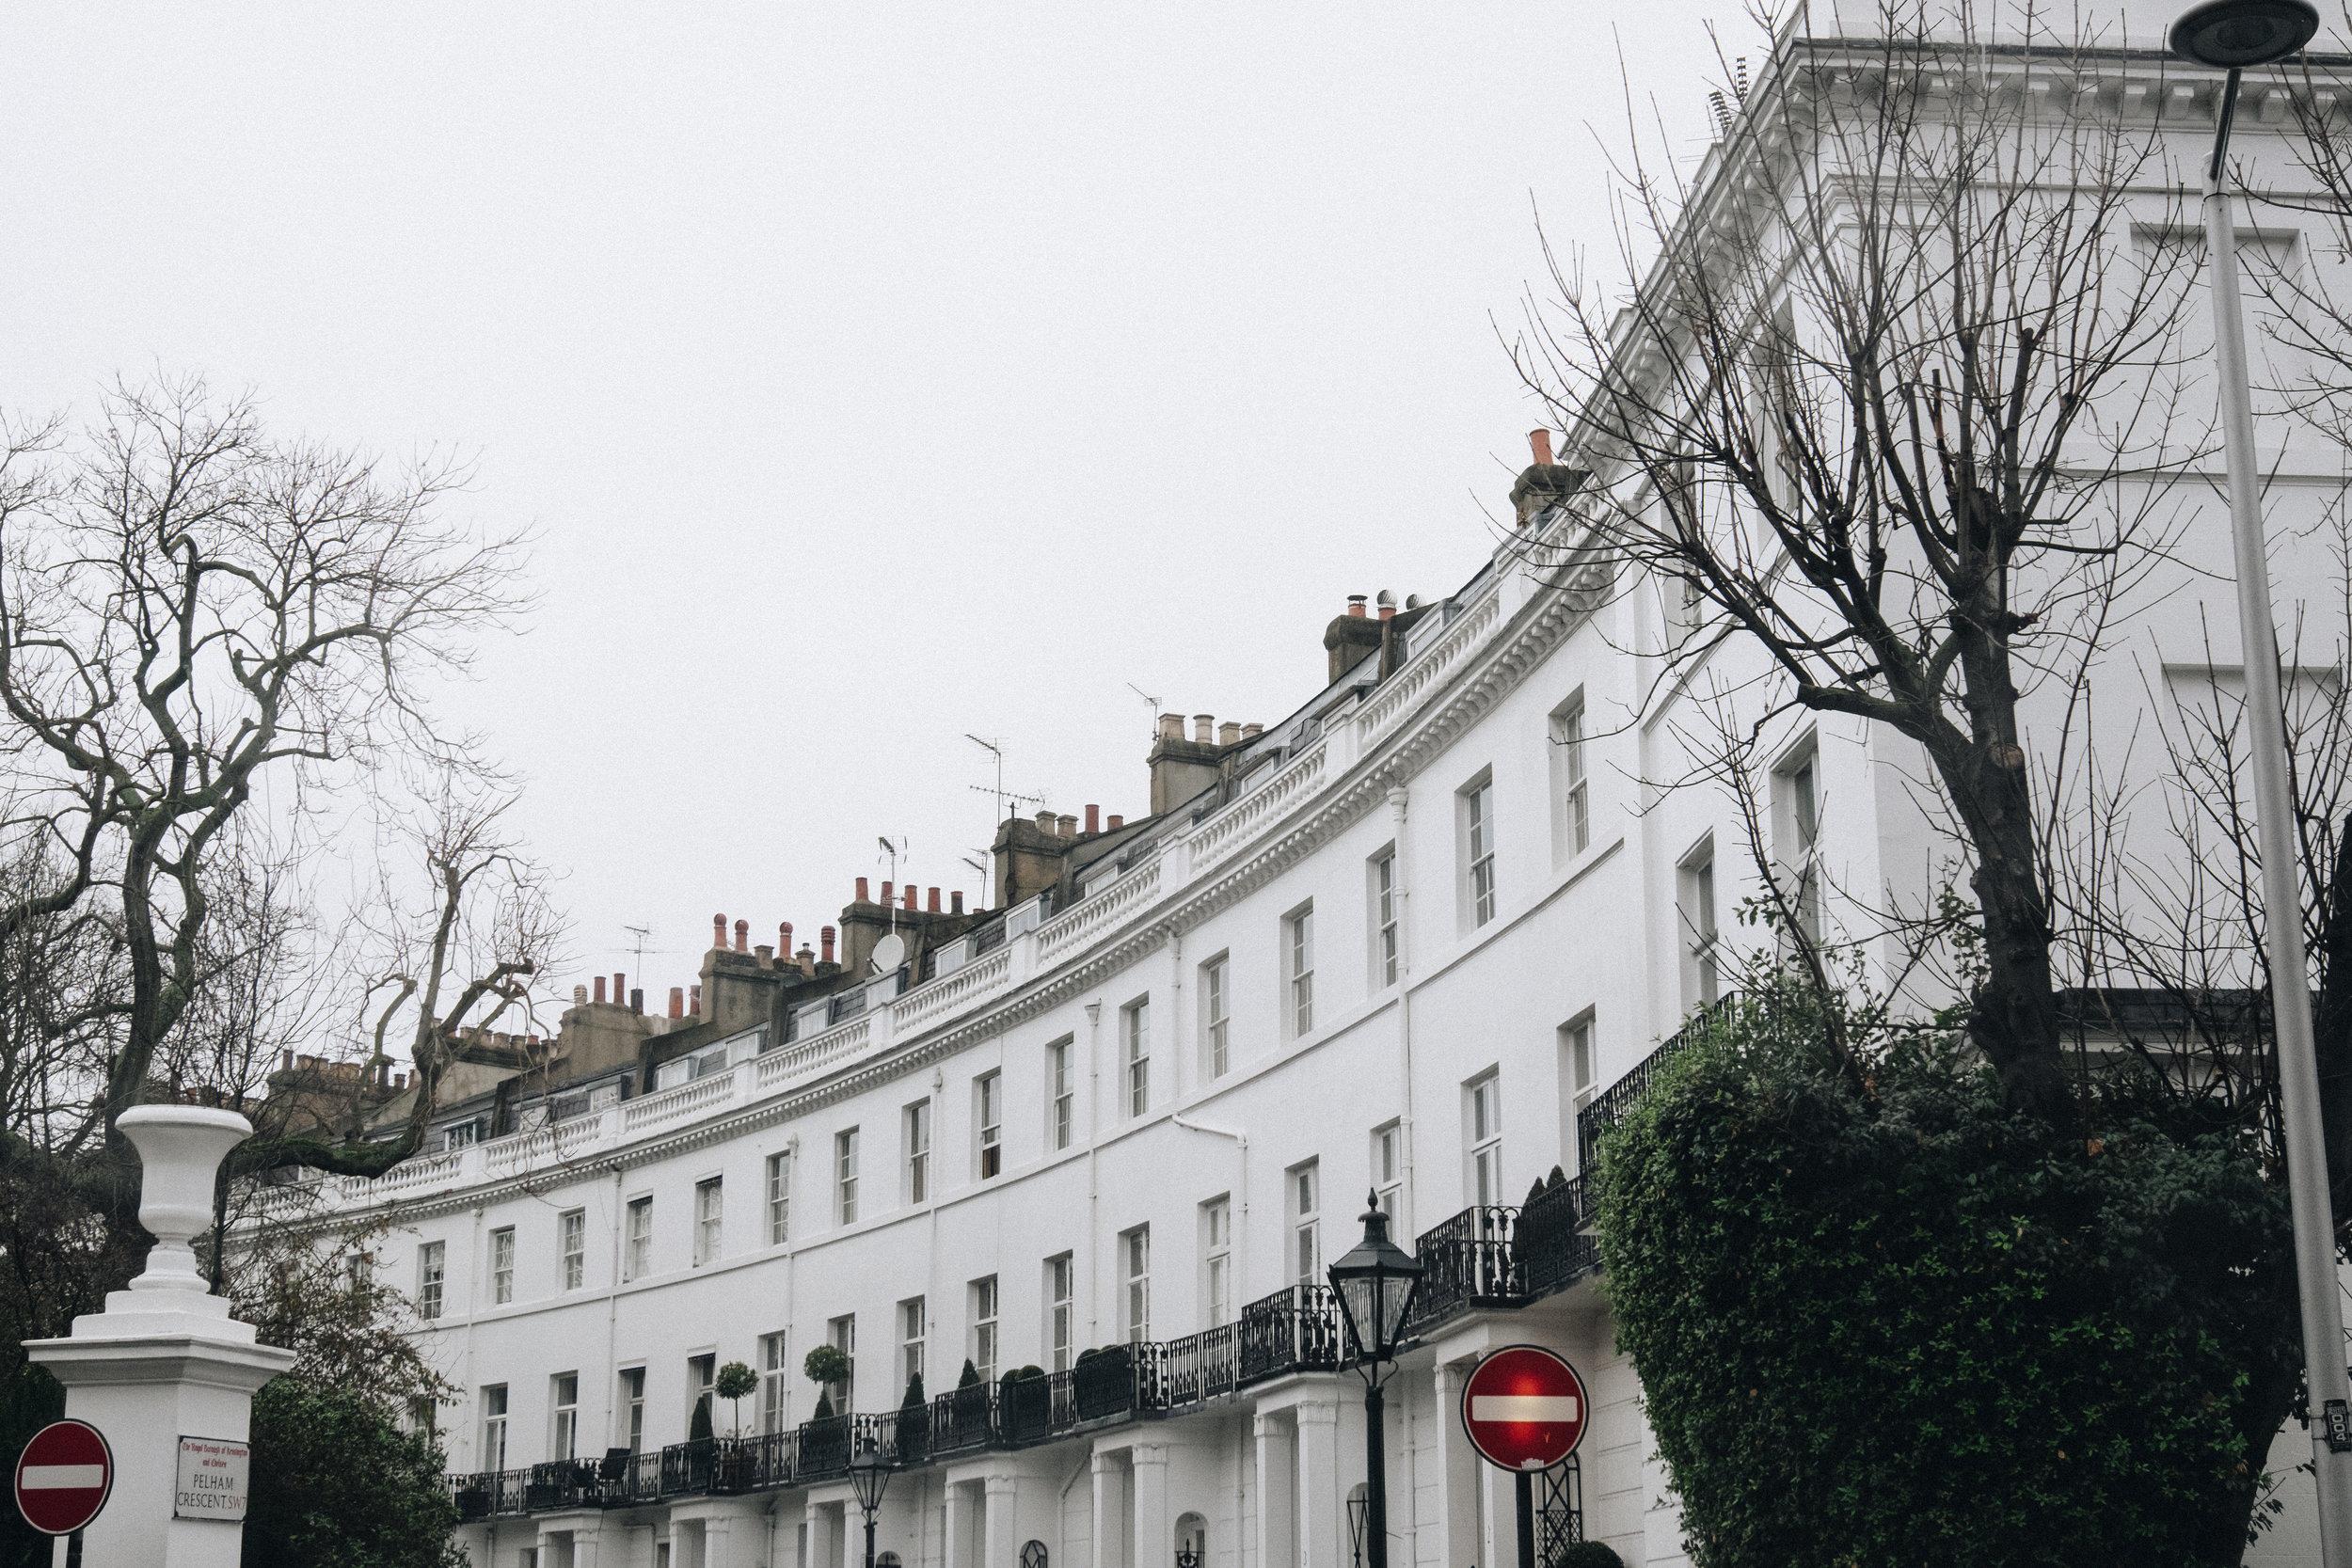 20170108_London27.jpg